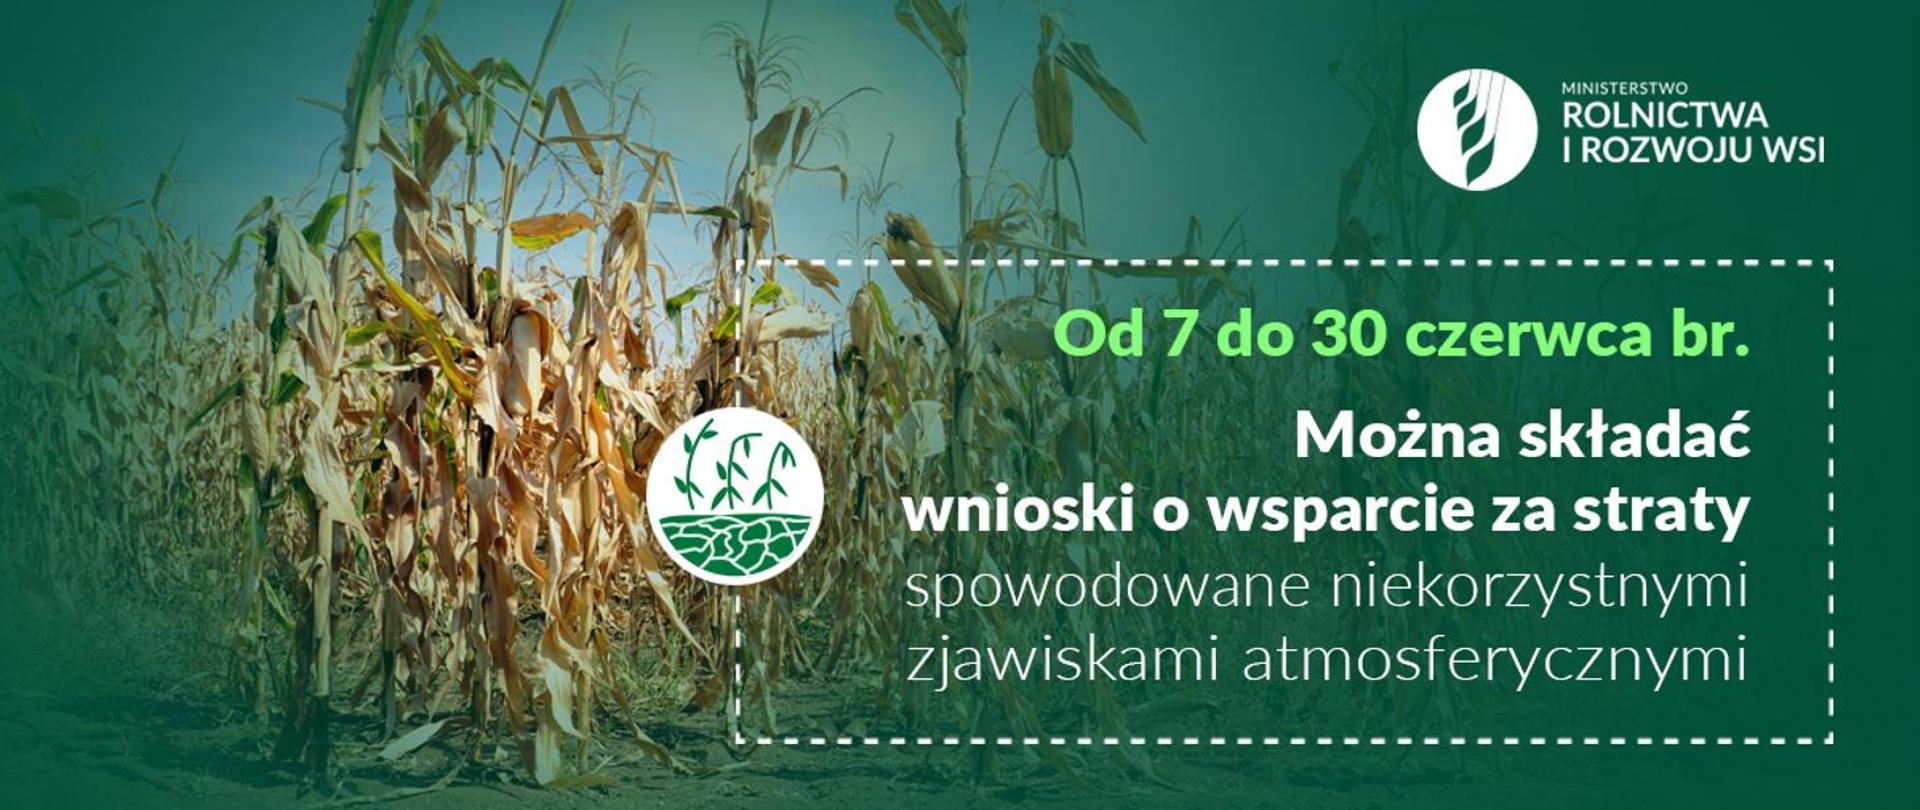 Informacja dla producentów rolnych!